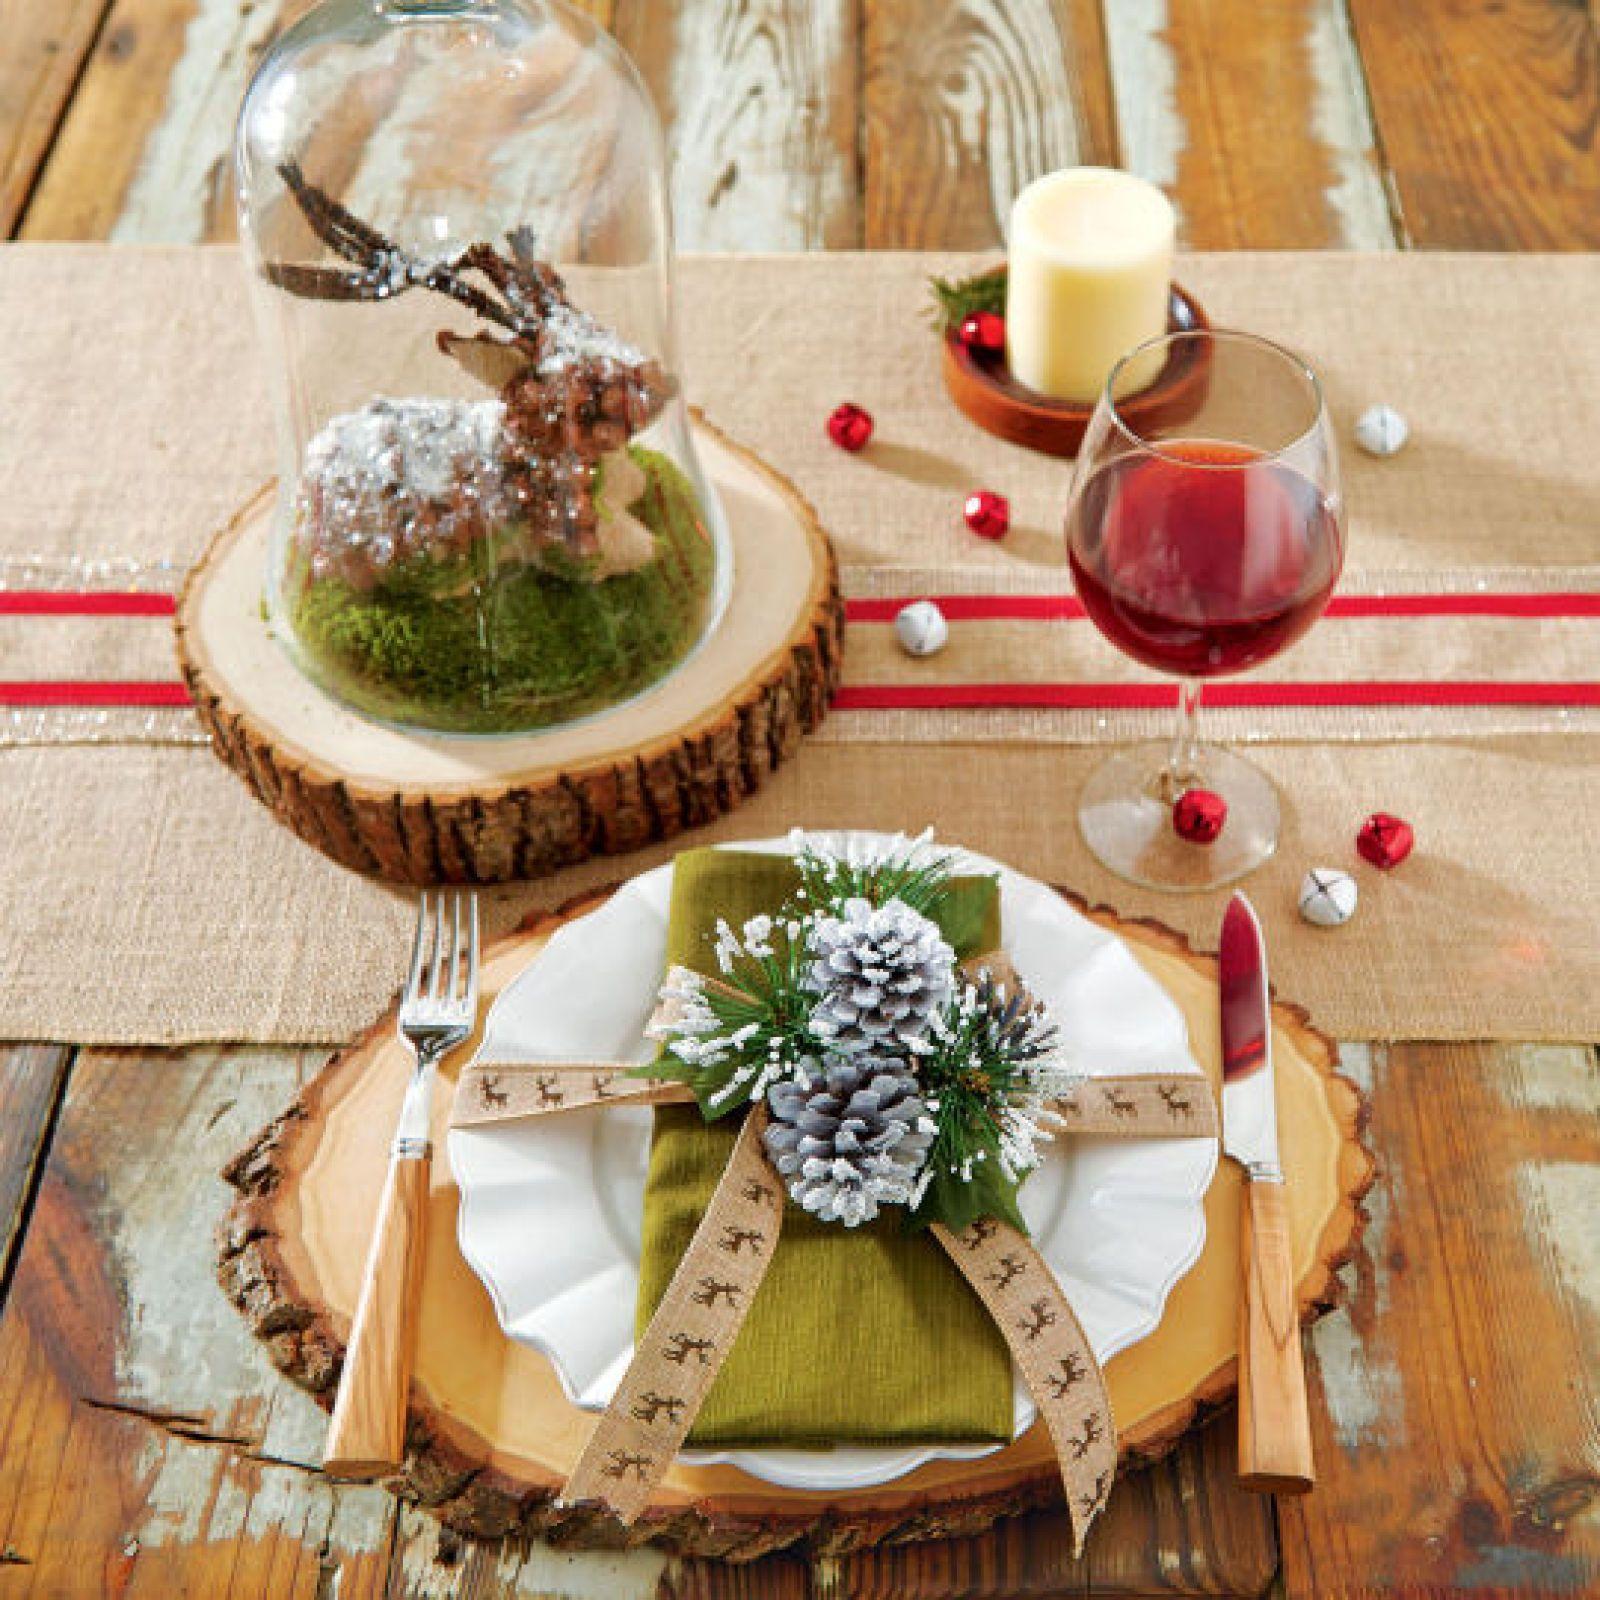 DIY Embellished Plate Tablescape